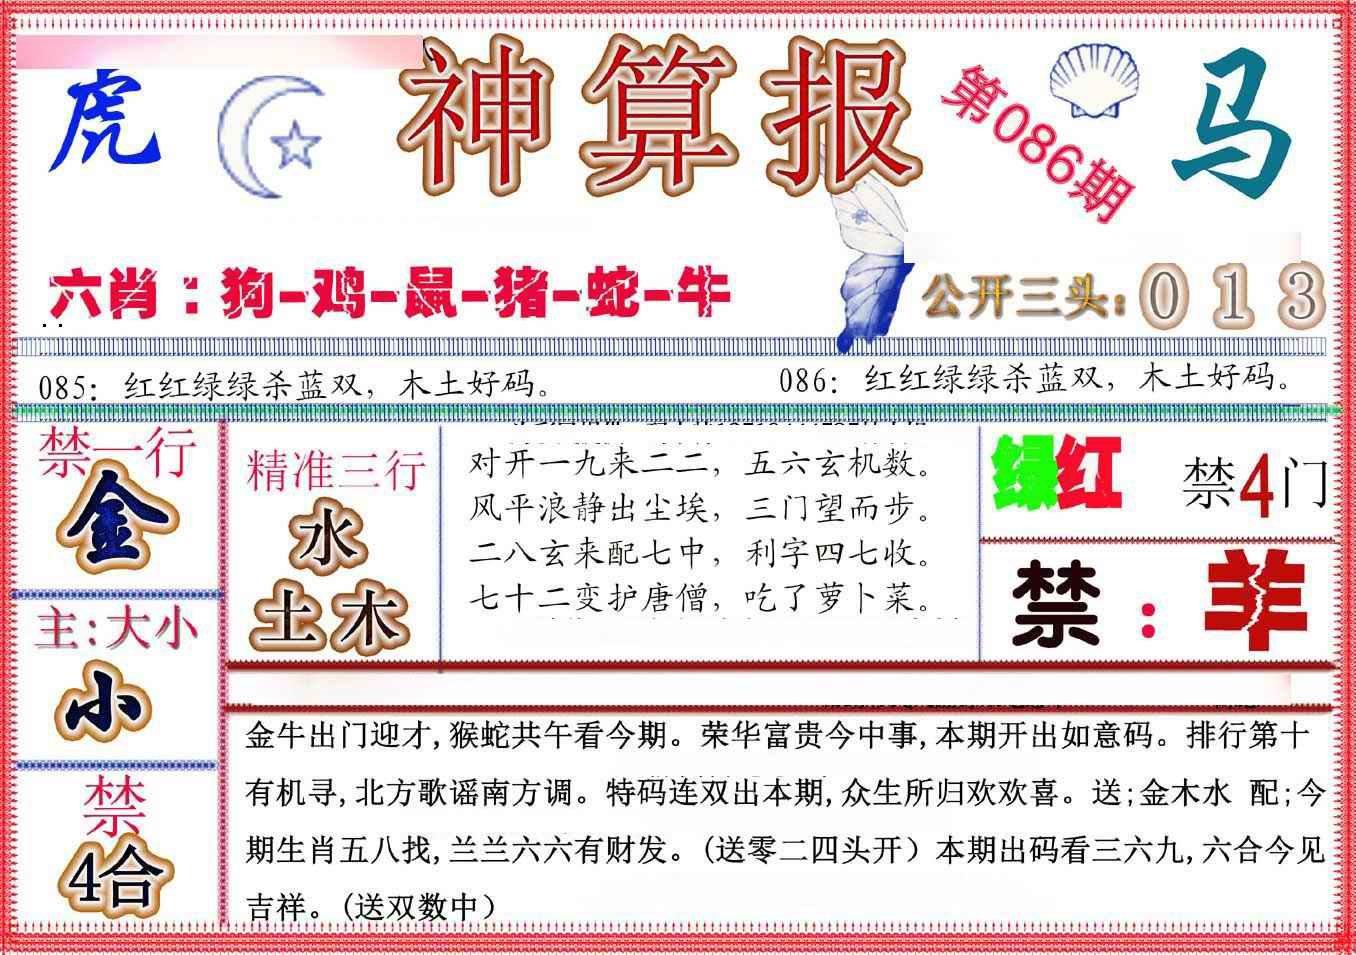 086期神算报(新版)